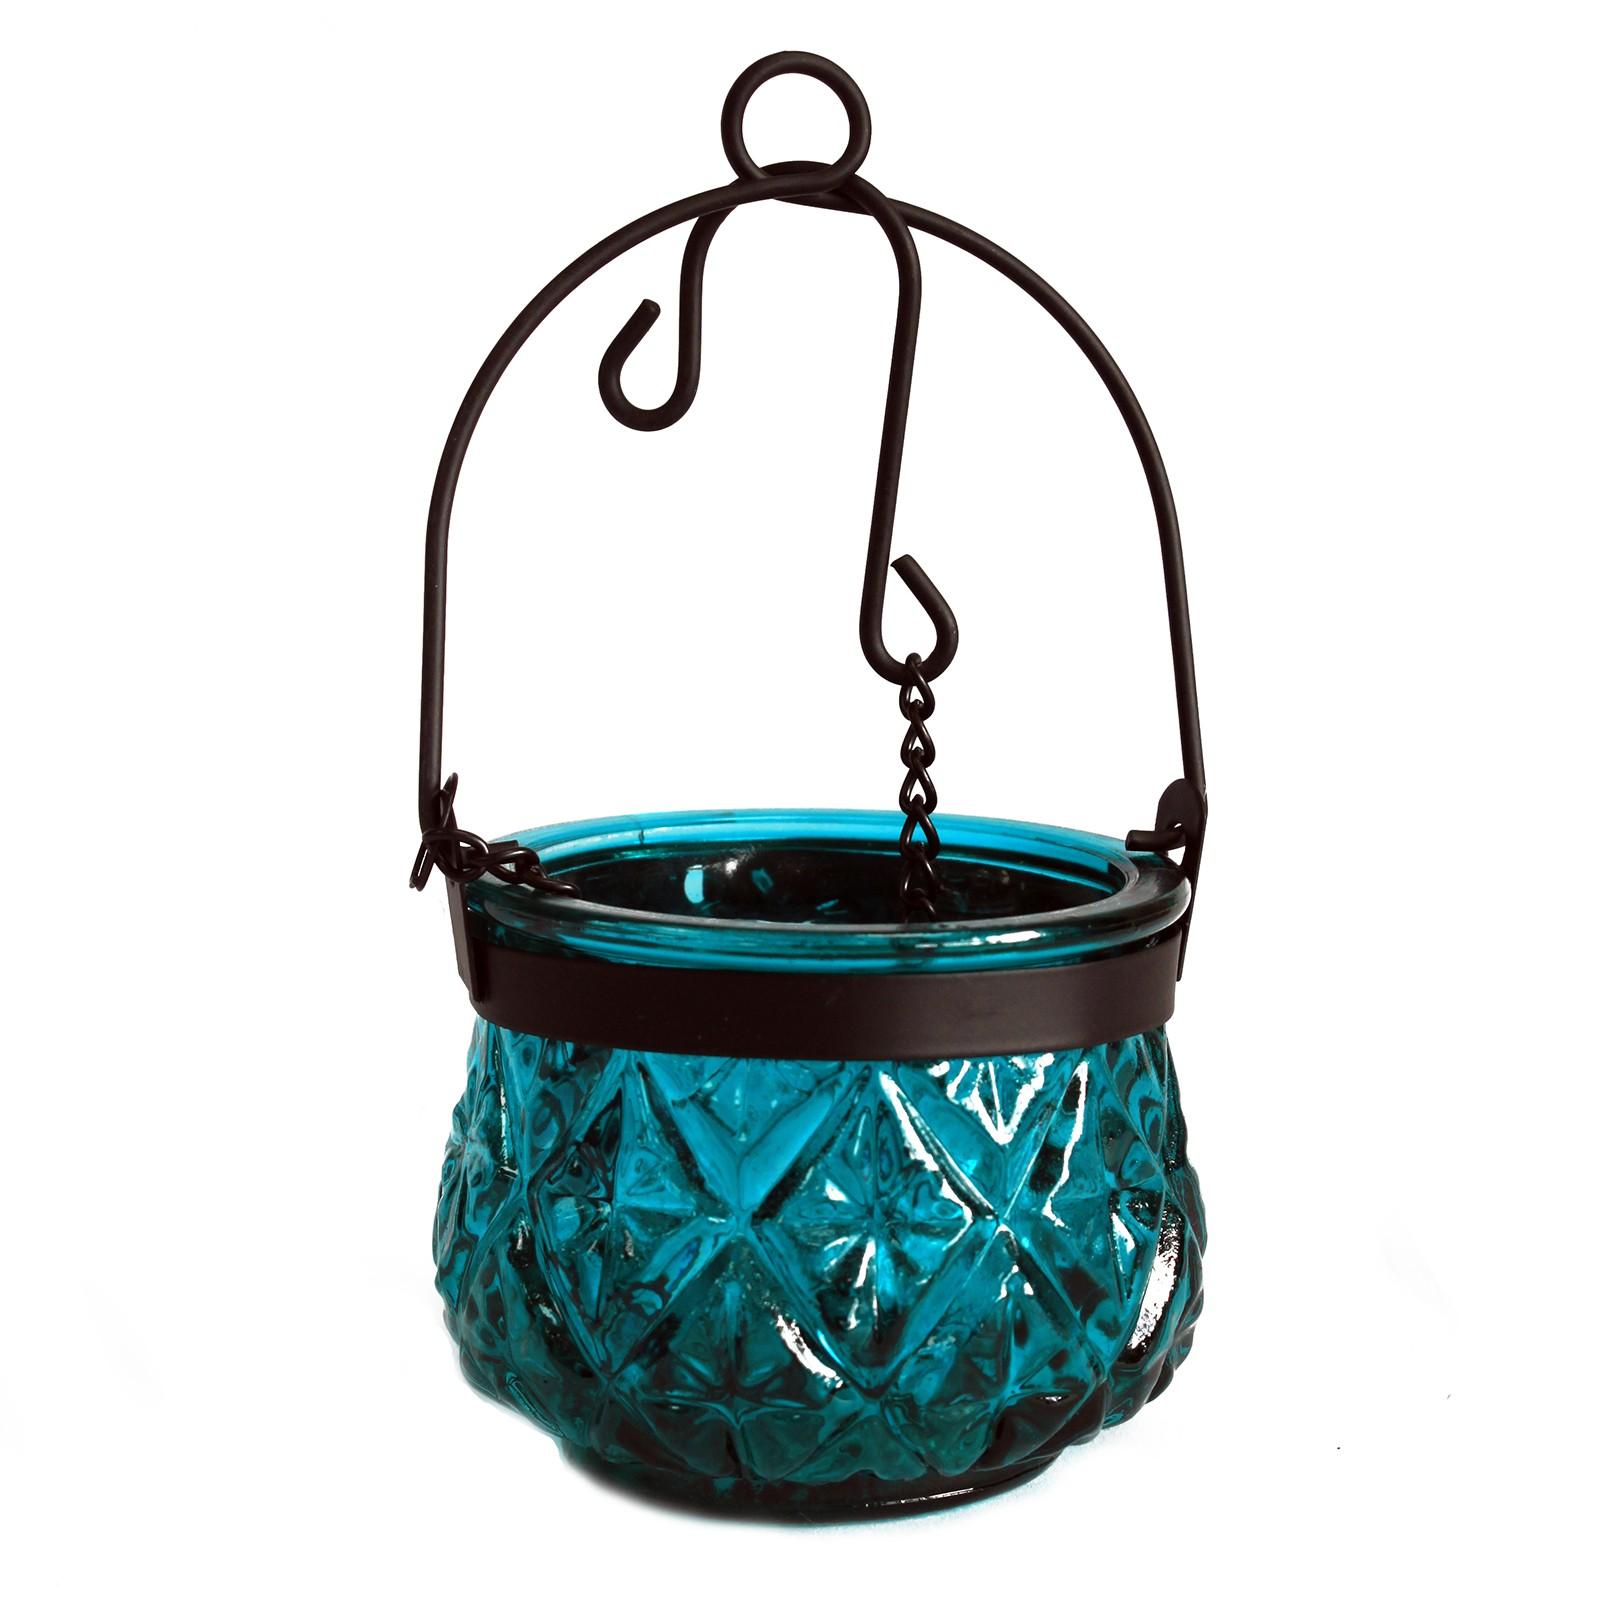 MAUR.cz Marocká závěsná lucerna na čajovou svíčku barva modrozelená